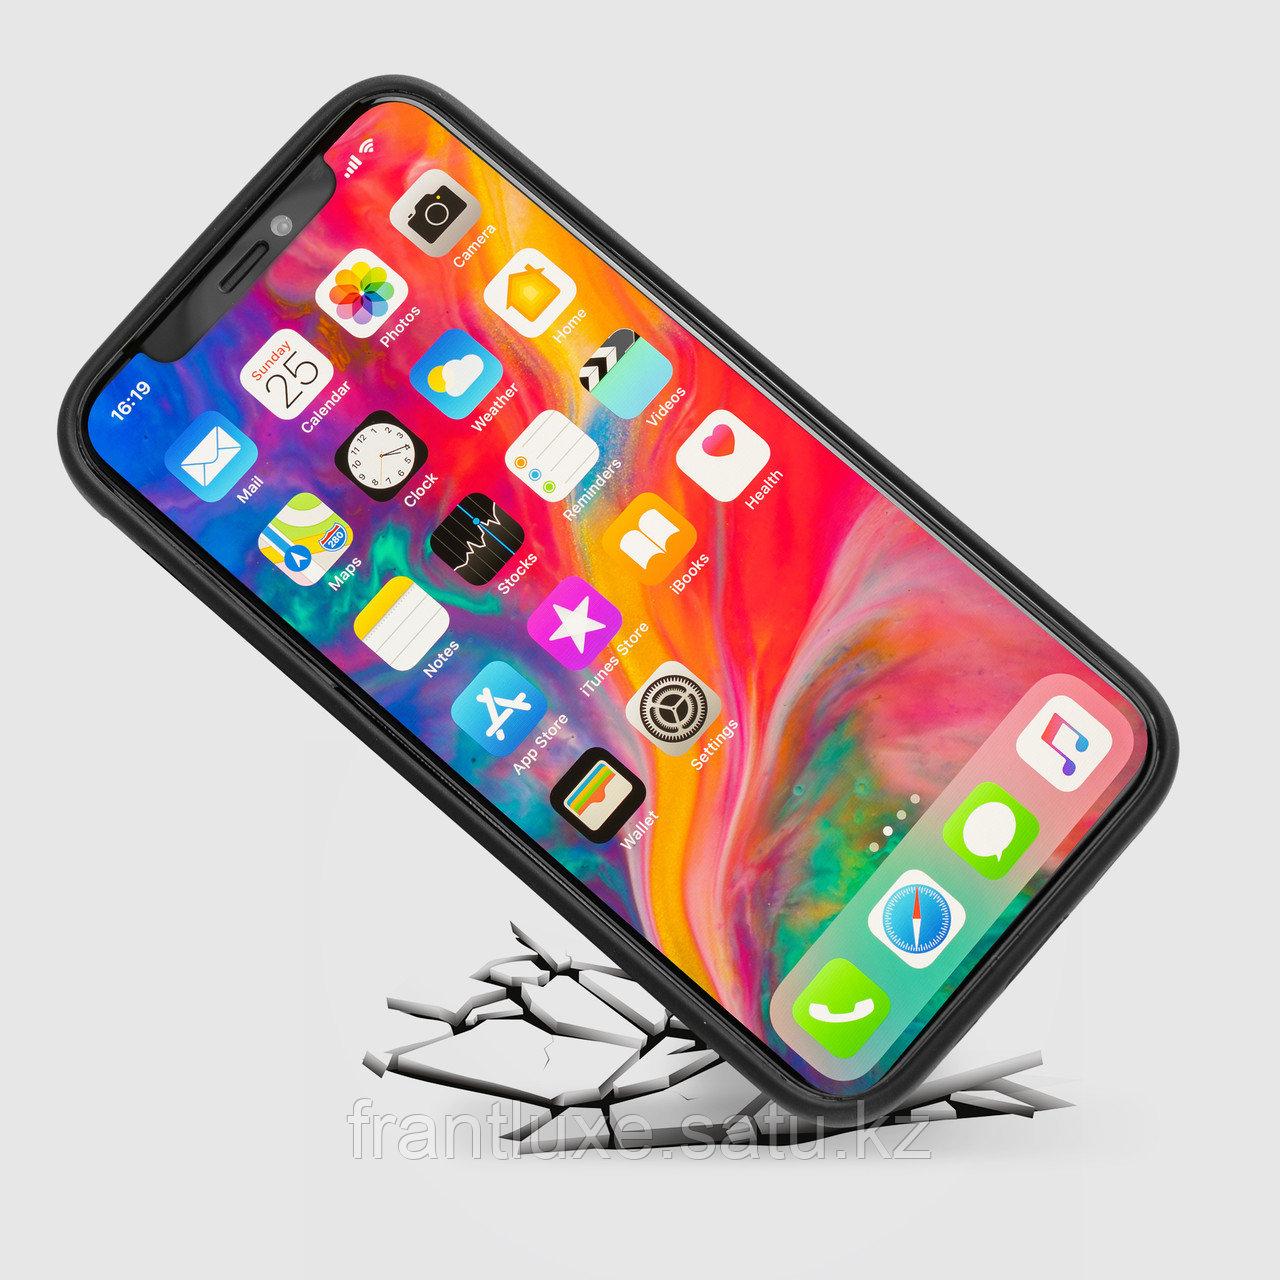 Чехол для телефона iPhone 12 Pro Max с ремешком-держателем Nappa Black - фото 6